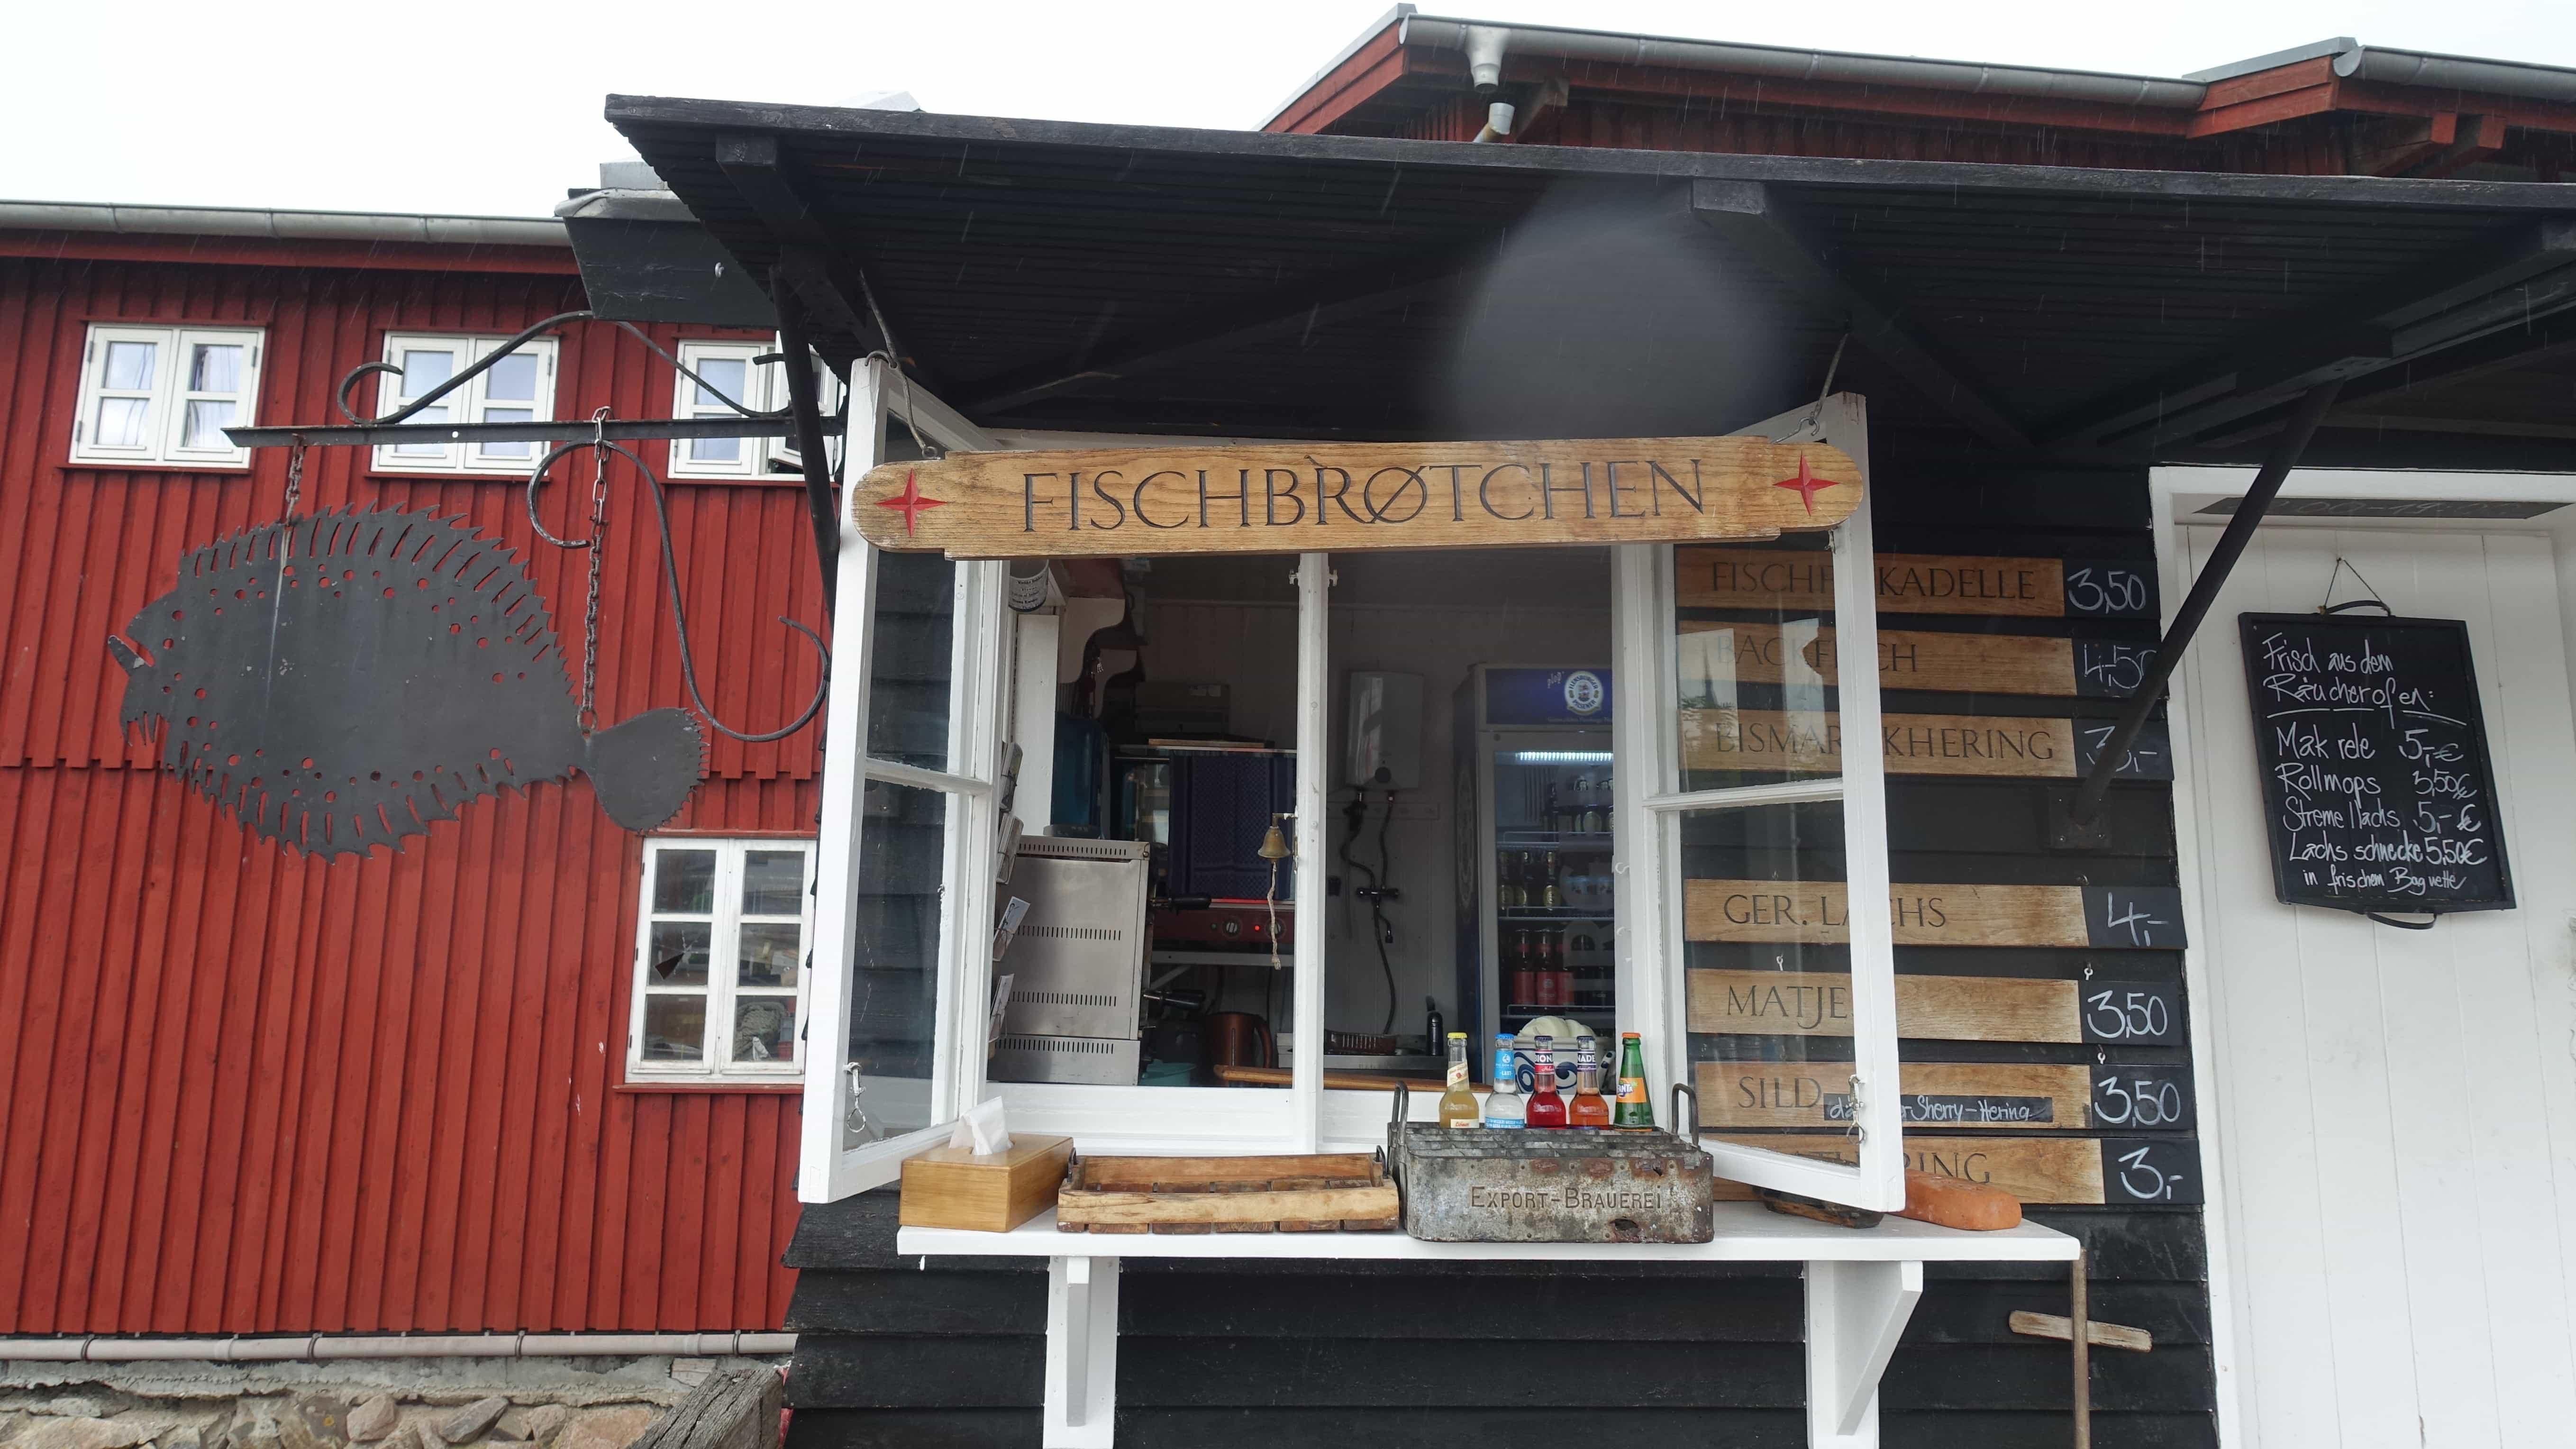 Fischbrötchen in Flensburg